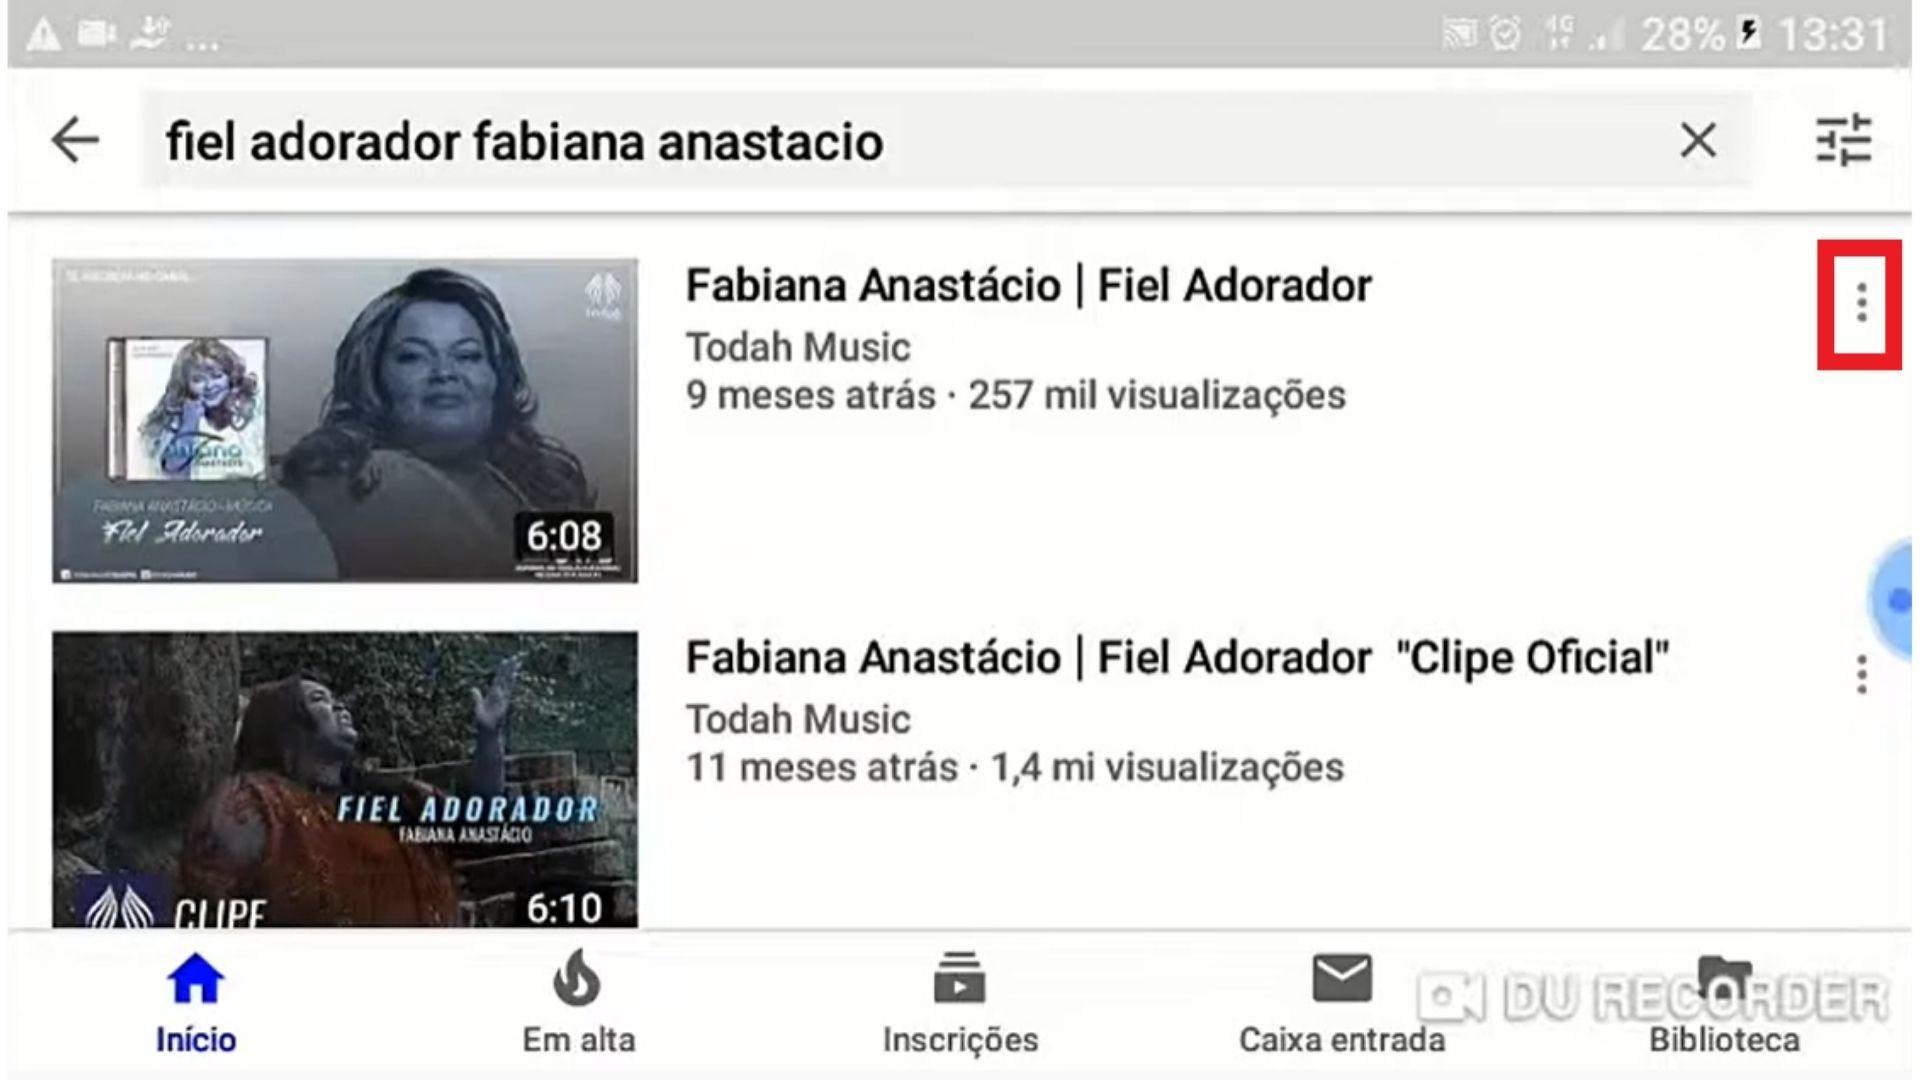 Tela de busca do YouTube com vídeos da Fabiana Anastácio em destaque